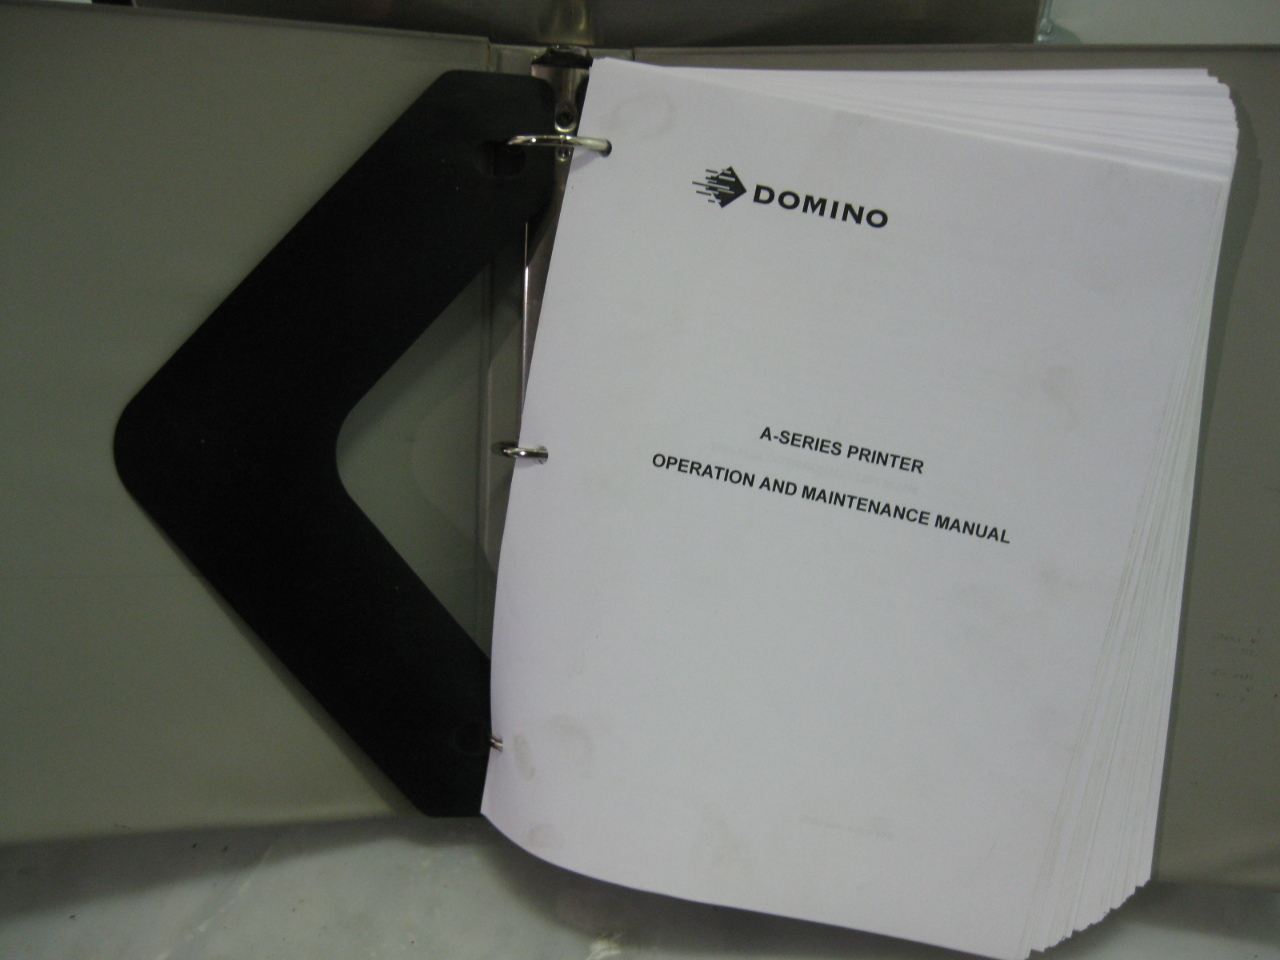 domino a300 inkjet printer manual